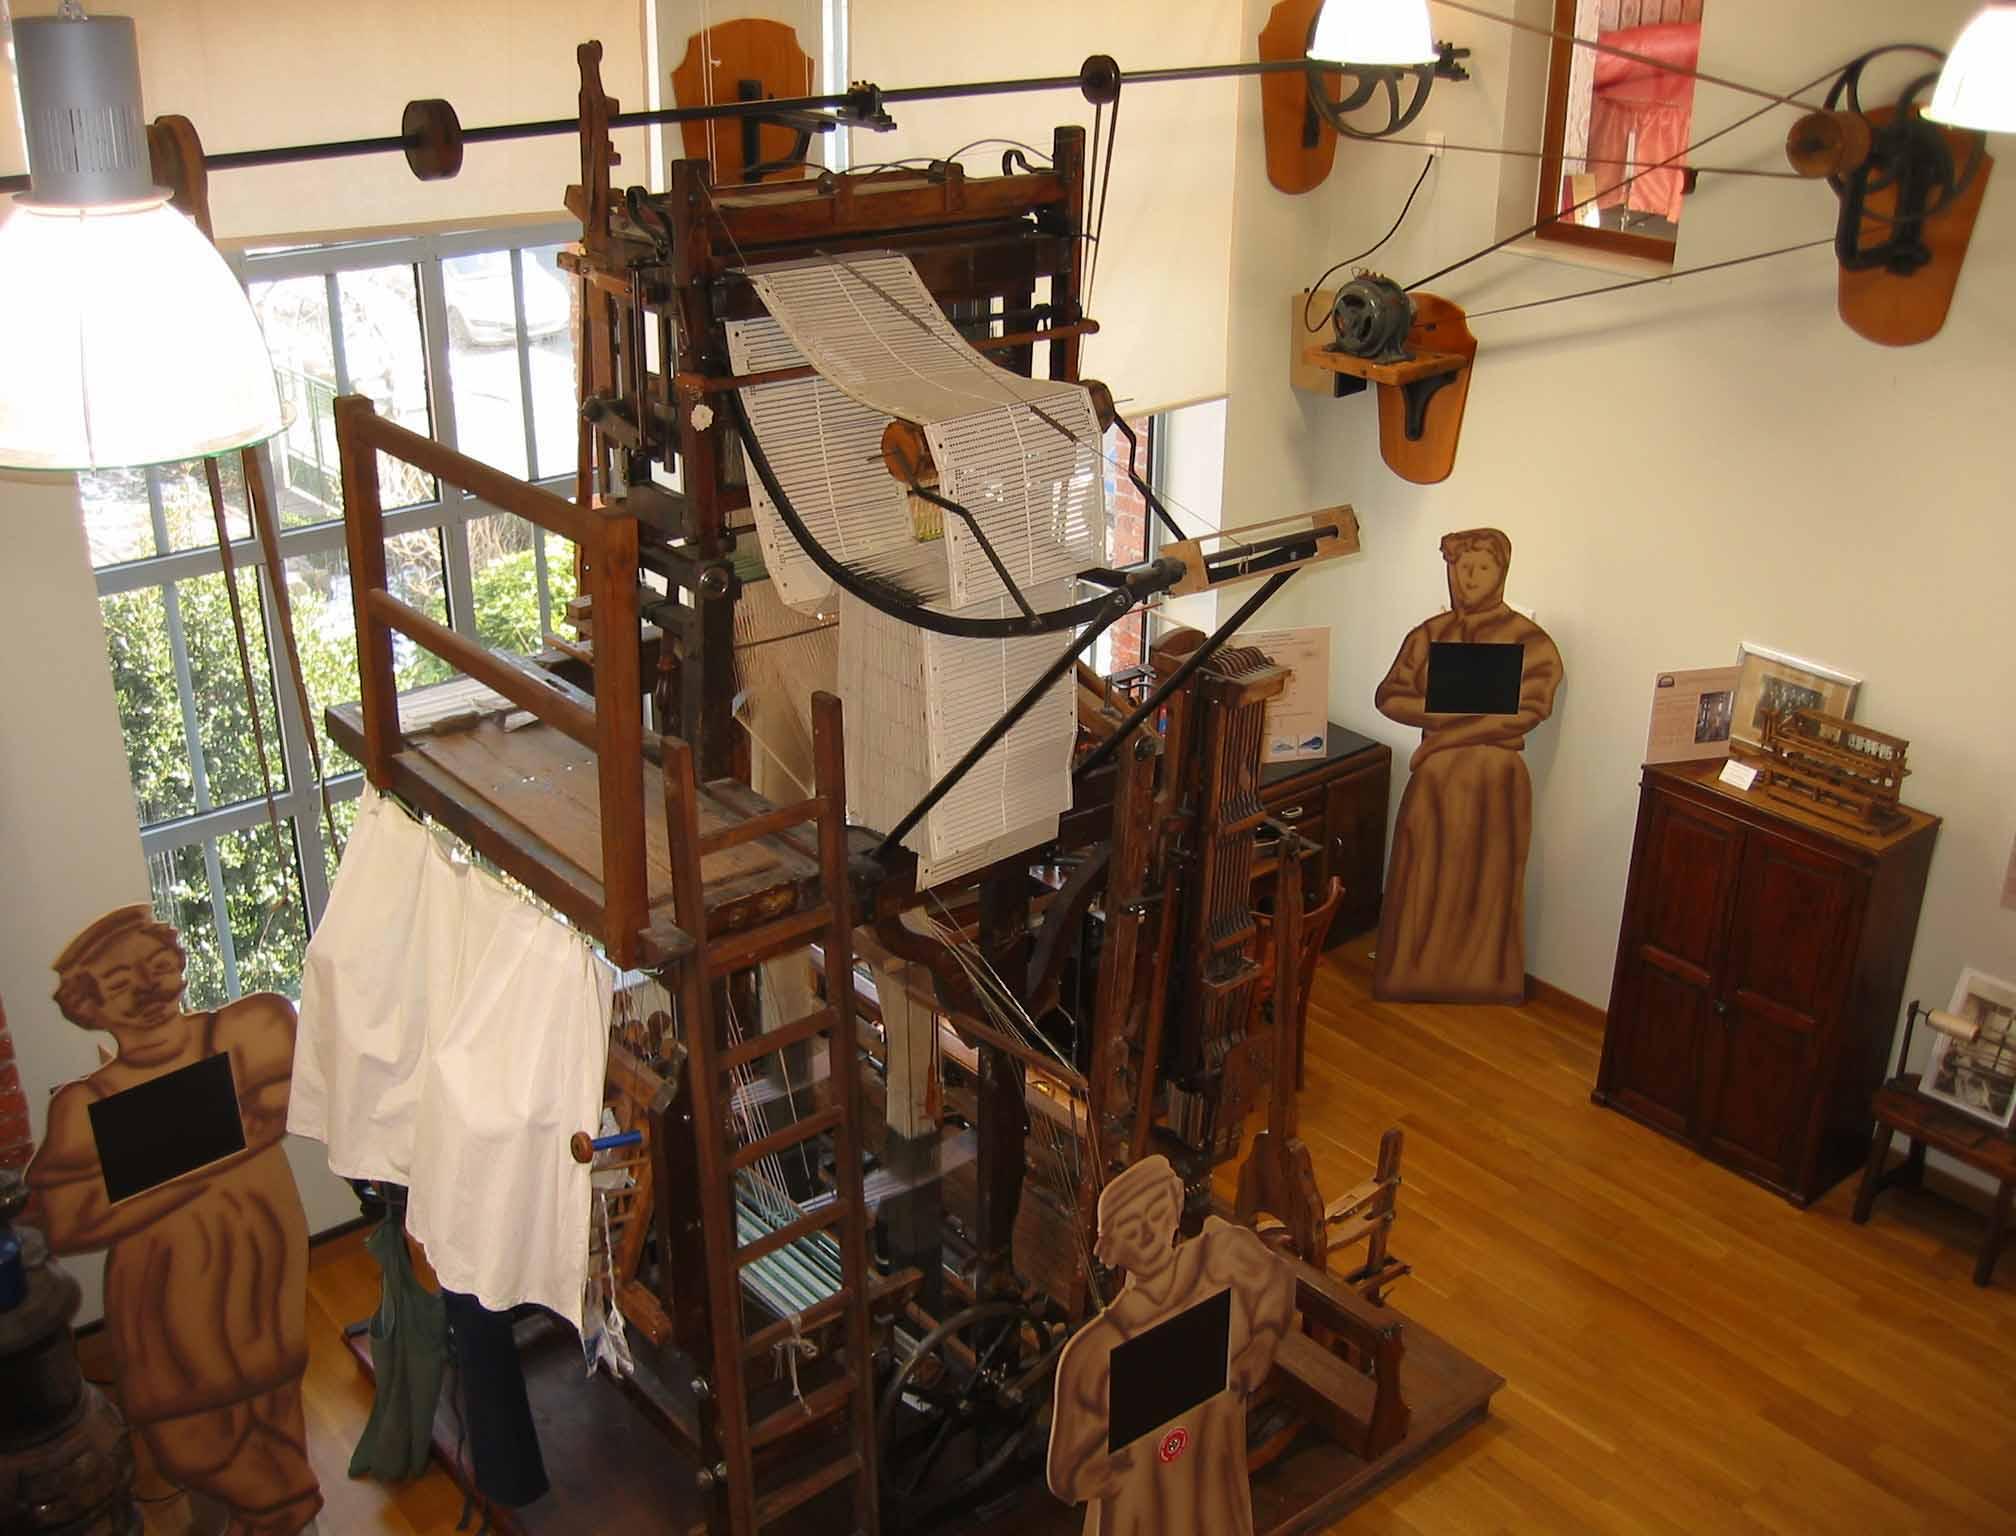 Restauration de l'atelier de passementerie (Saint-Jean-Bonnefonds, Loire)